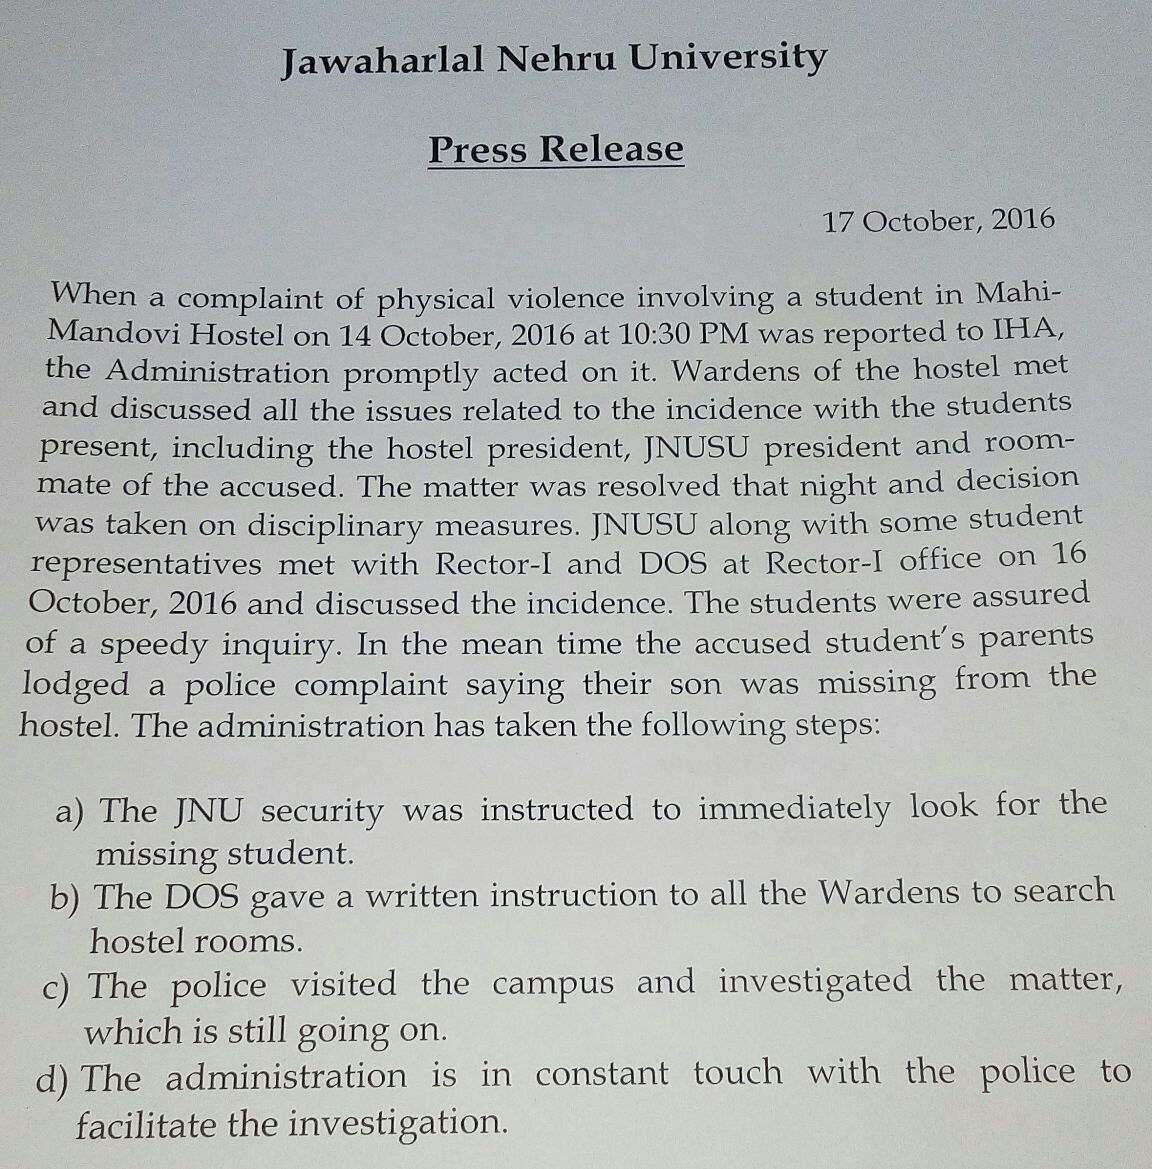 JNU Press Release